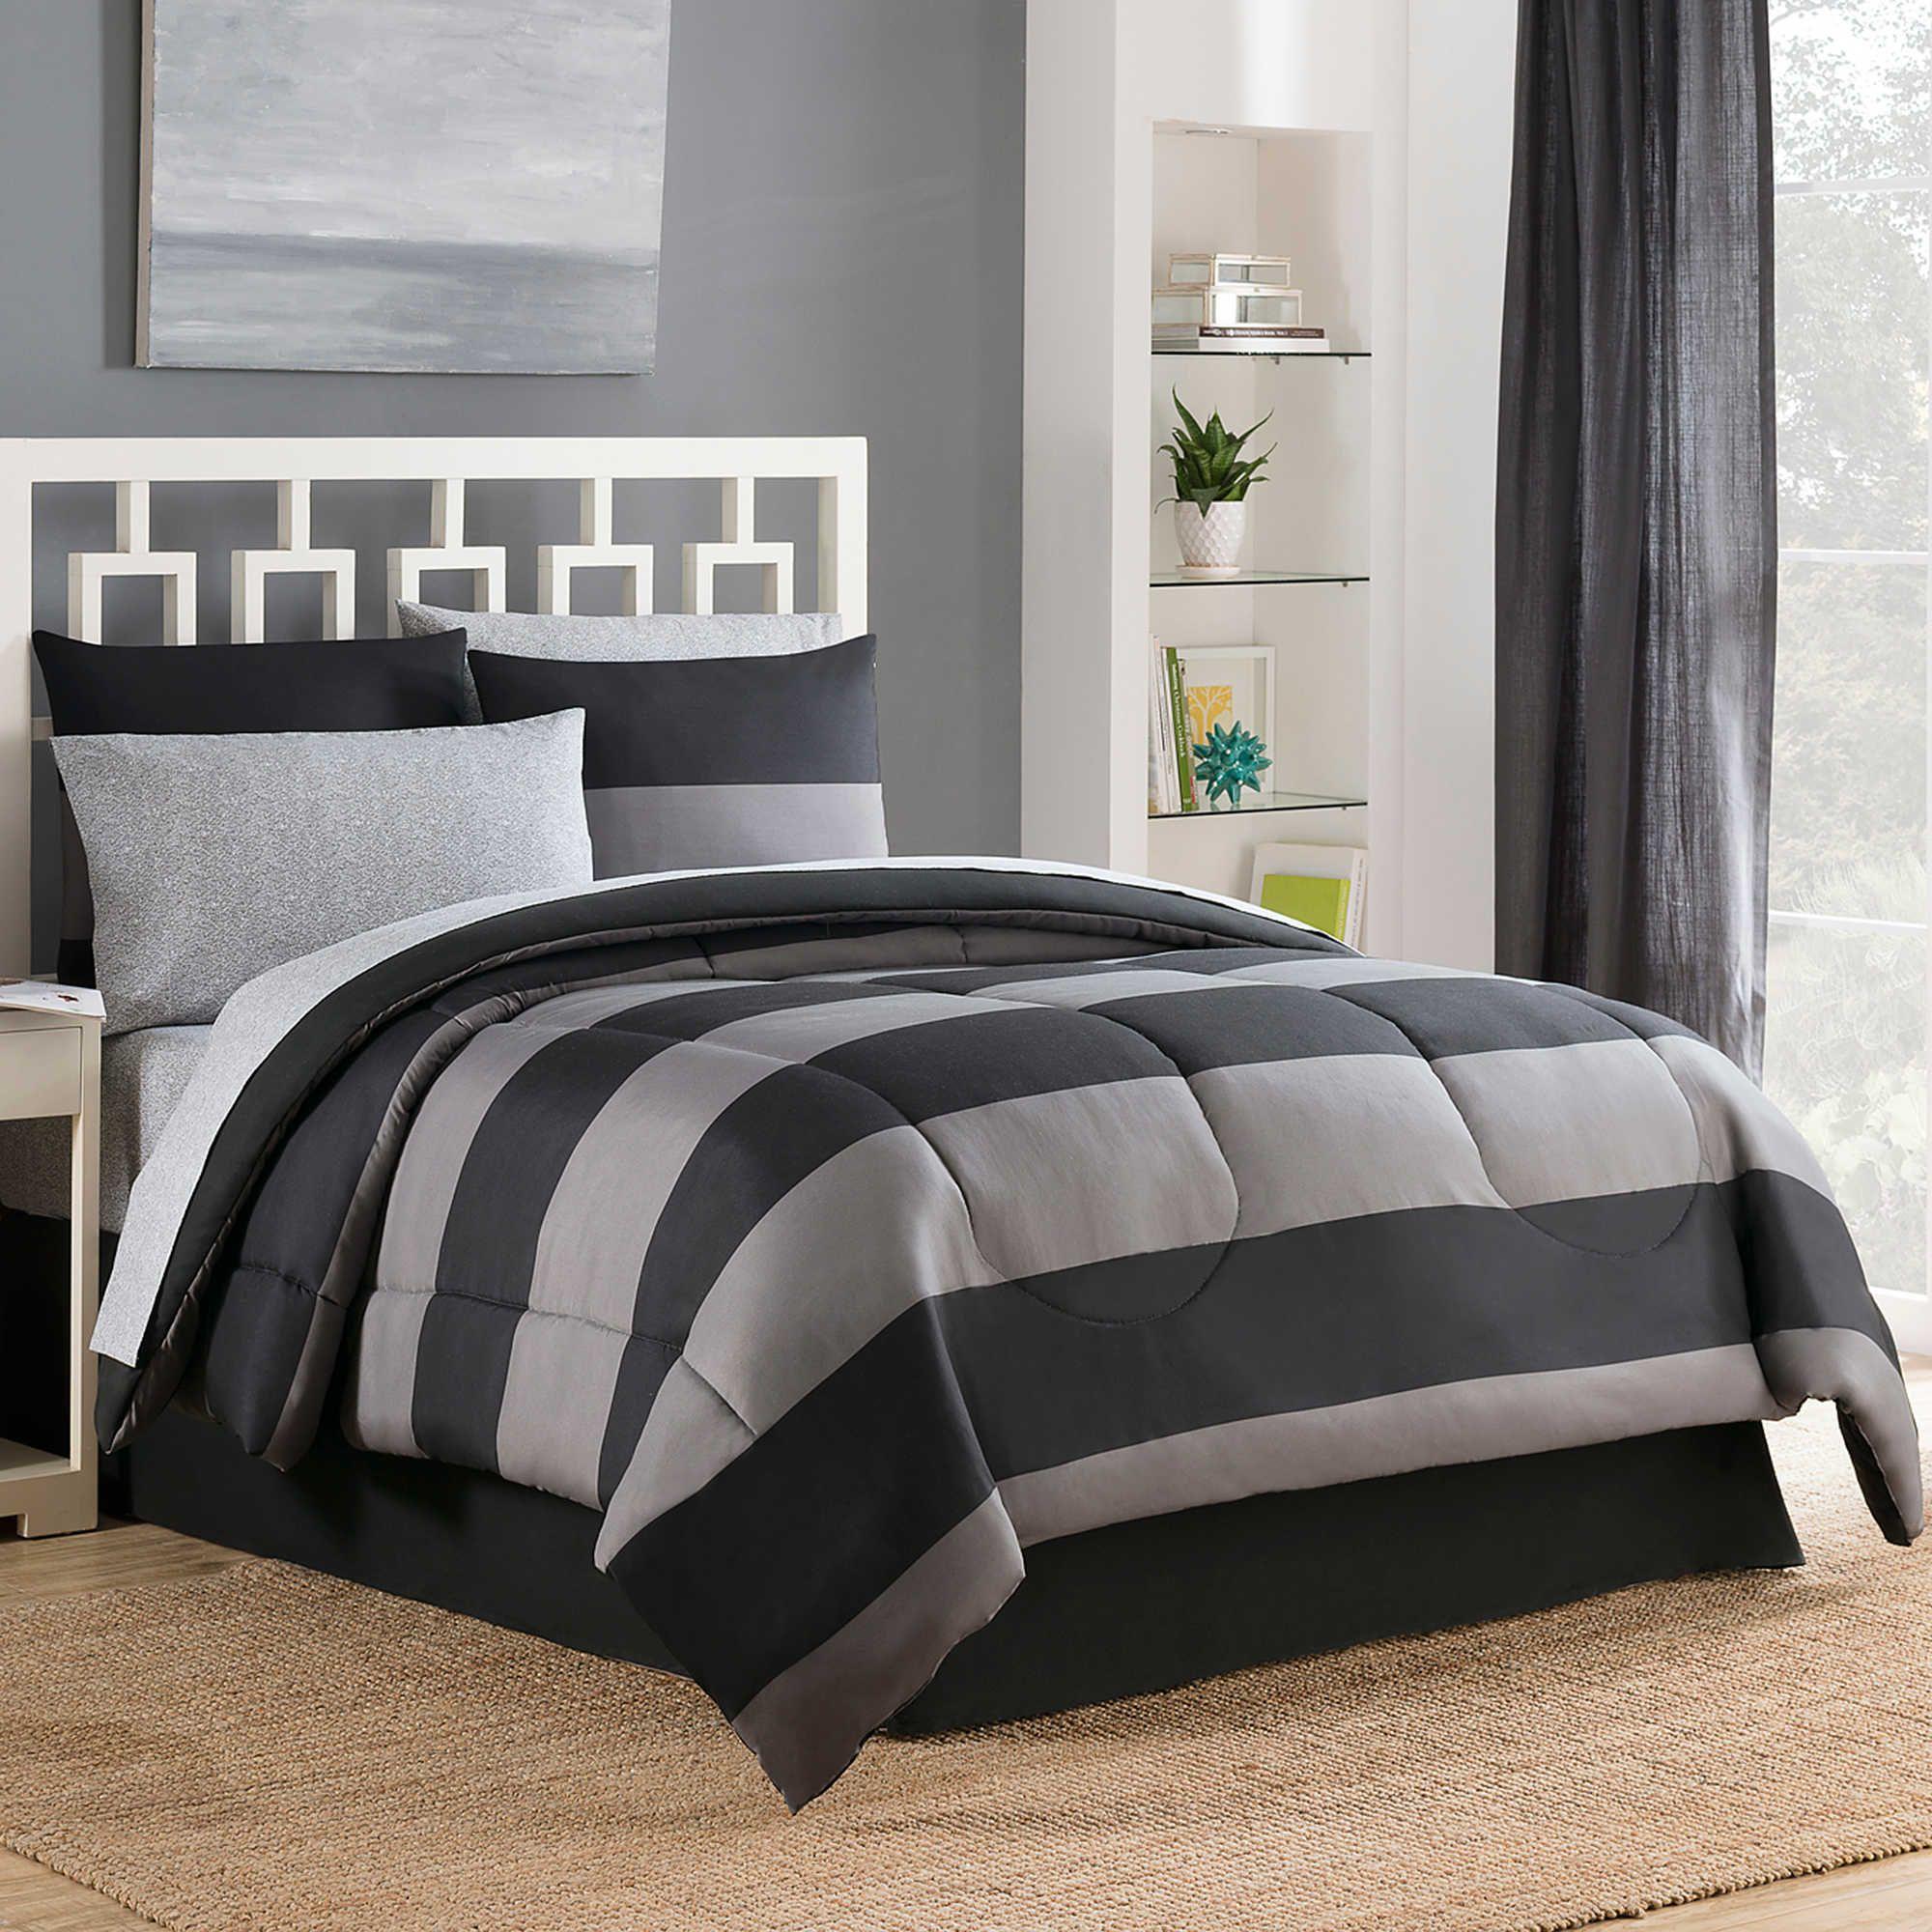 Bryce Reversible 6 8 Piece Comforter Set In Black